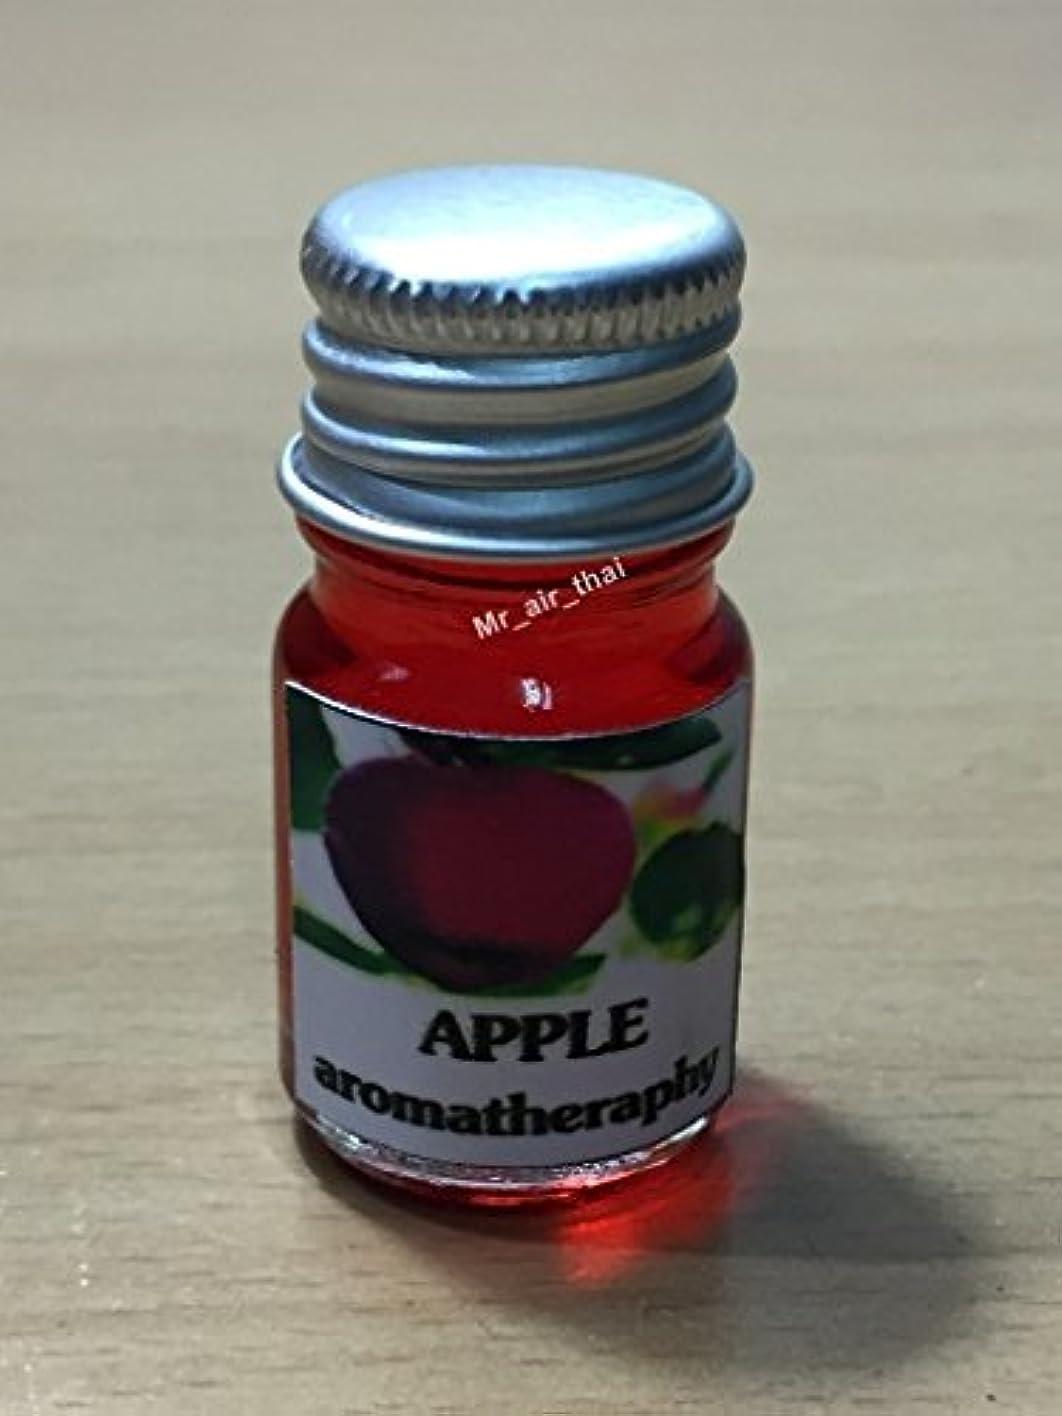 机年これまで5ミリリットルアロマアップル(赤)フランクインセンスエッセンシャルオイルボトルアロマテラピーオイル自然自然5ml Aroma Apple (red) Frankincense Essential Oil Bottles...